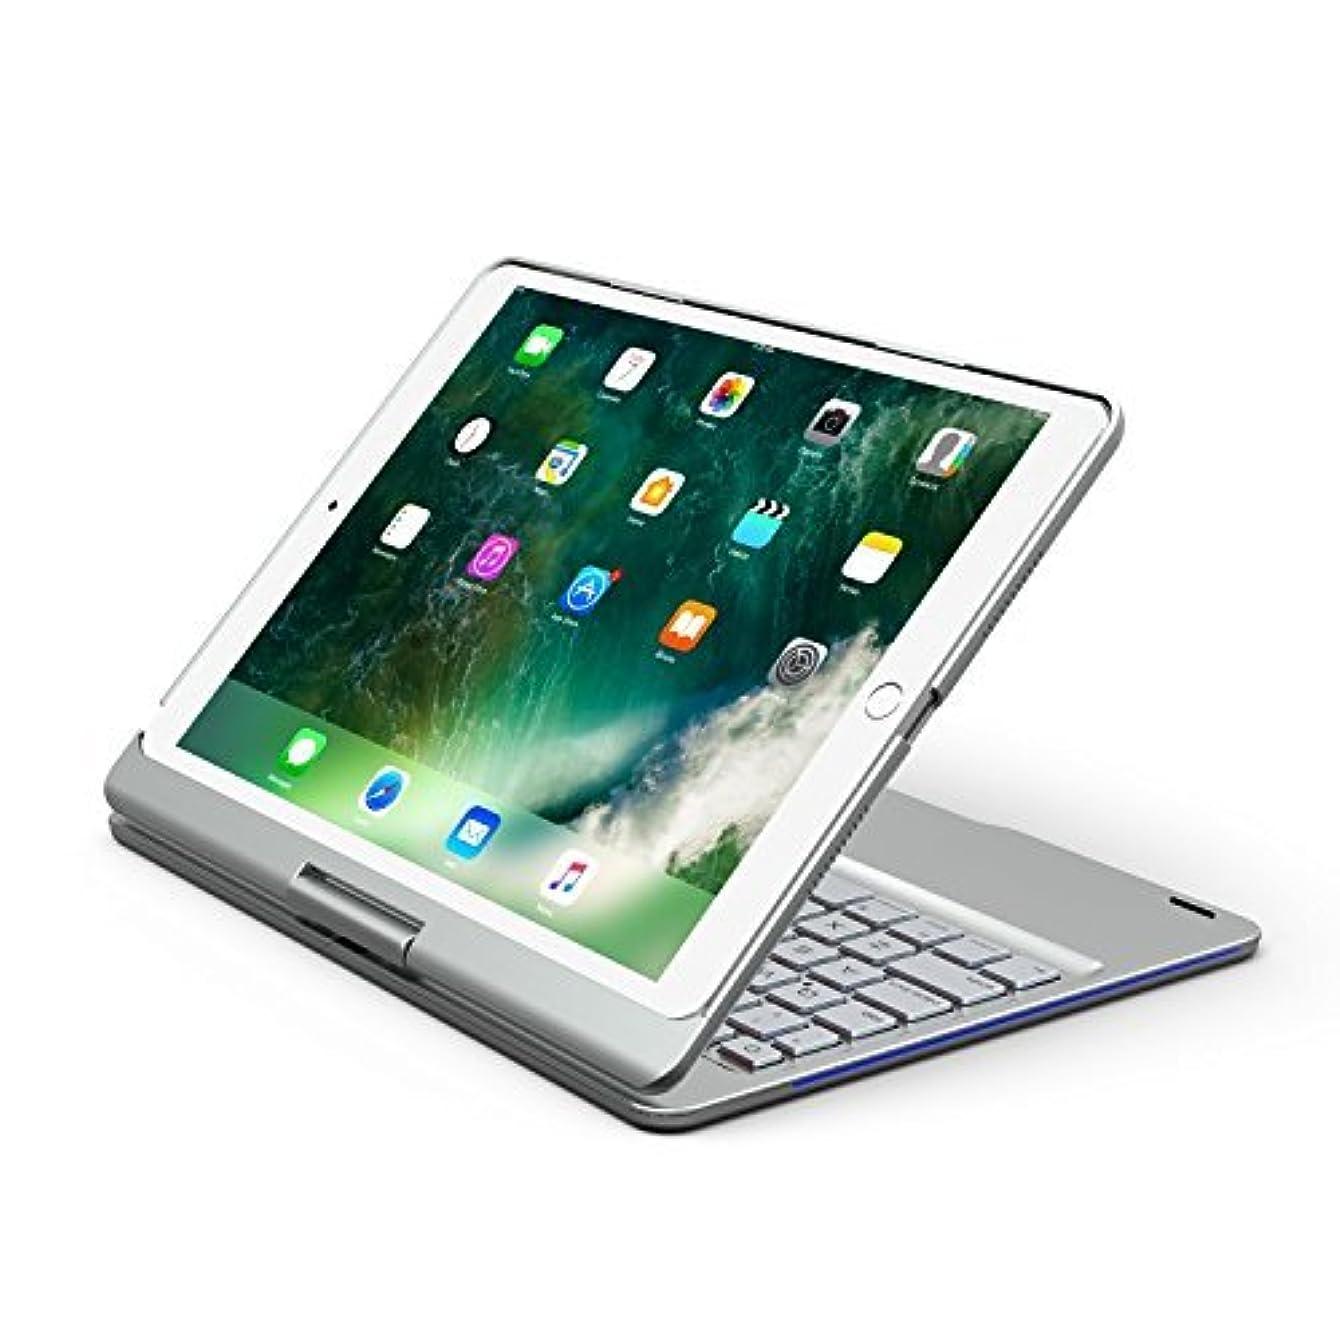 予約はちみつタッチiPad Pro 10.5キーボードケース、businda 7色バックライト付きキーボードケースカバー360 °回転スマートキーボードケース/スリープ付きiPad Pro 10.5 2017 New iPad シルバー